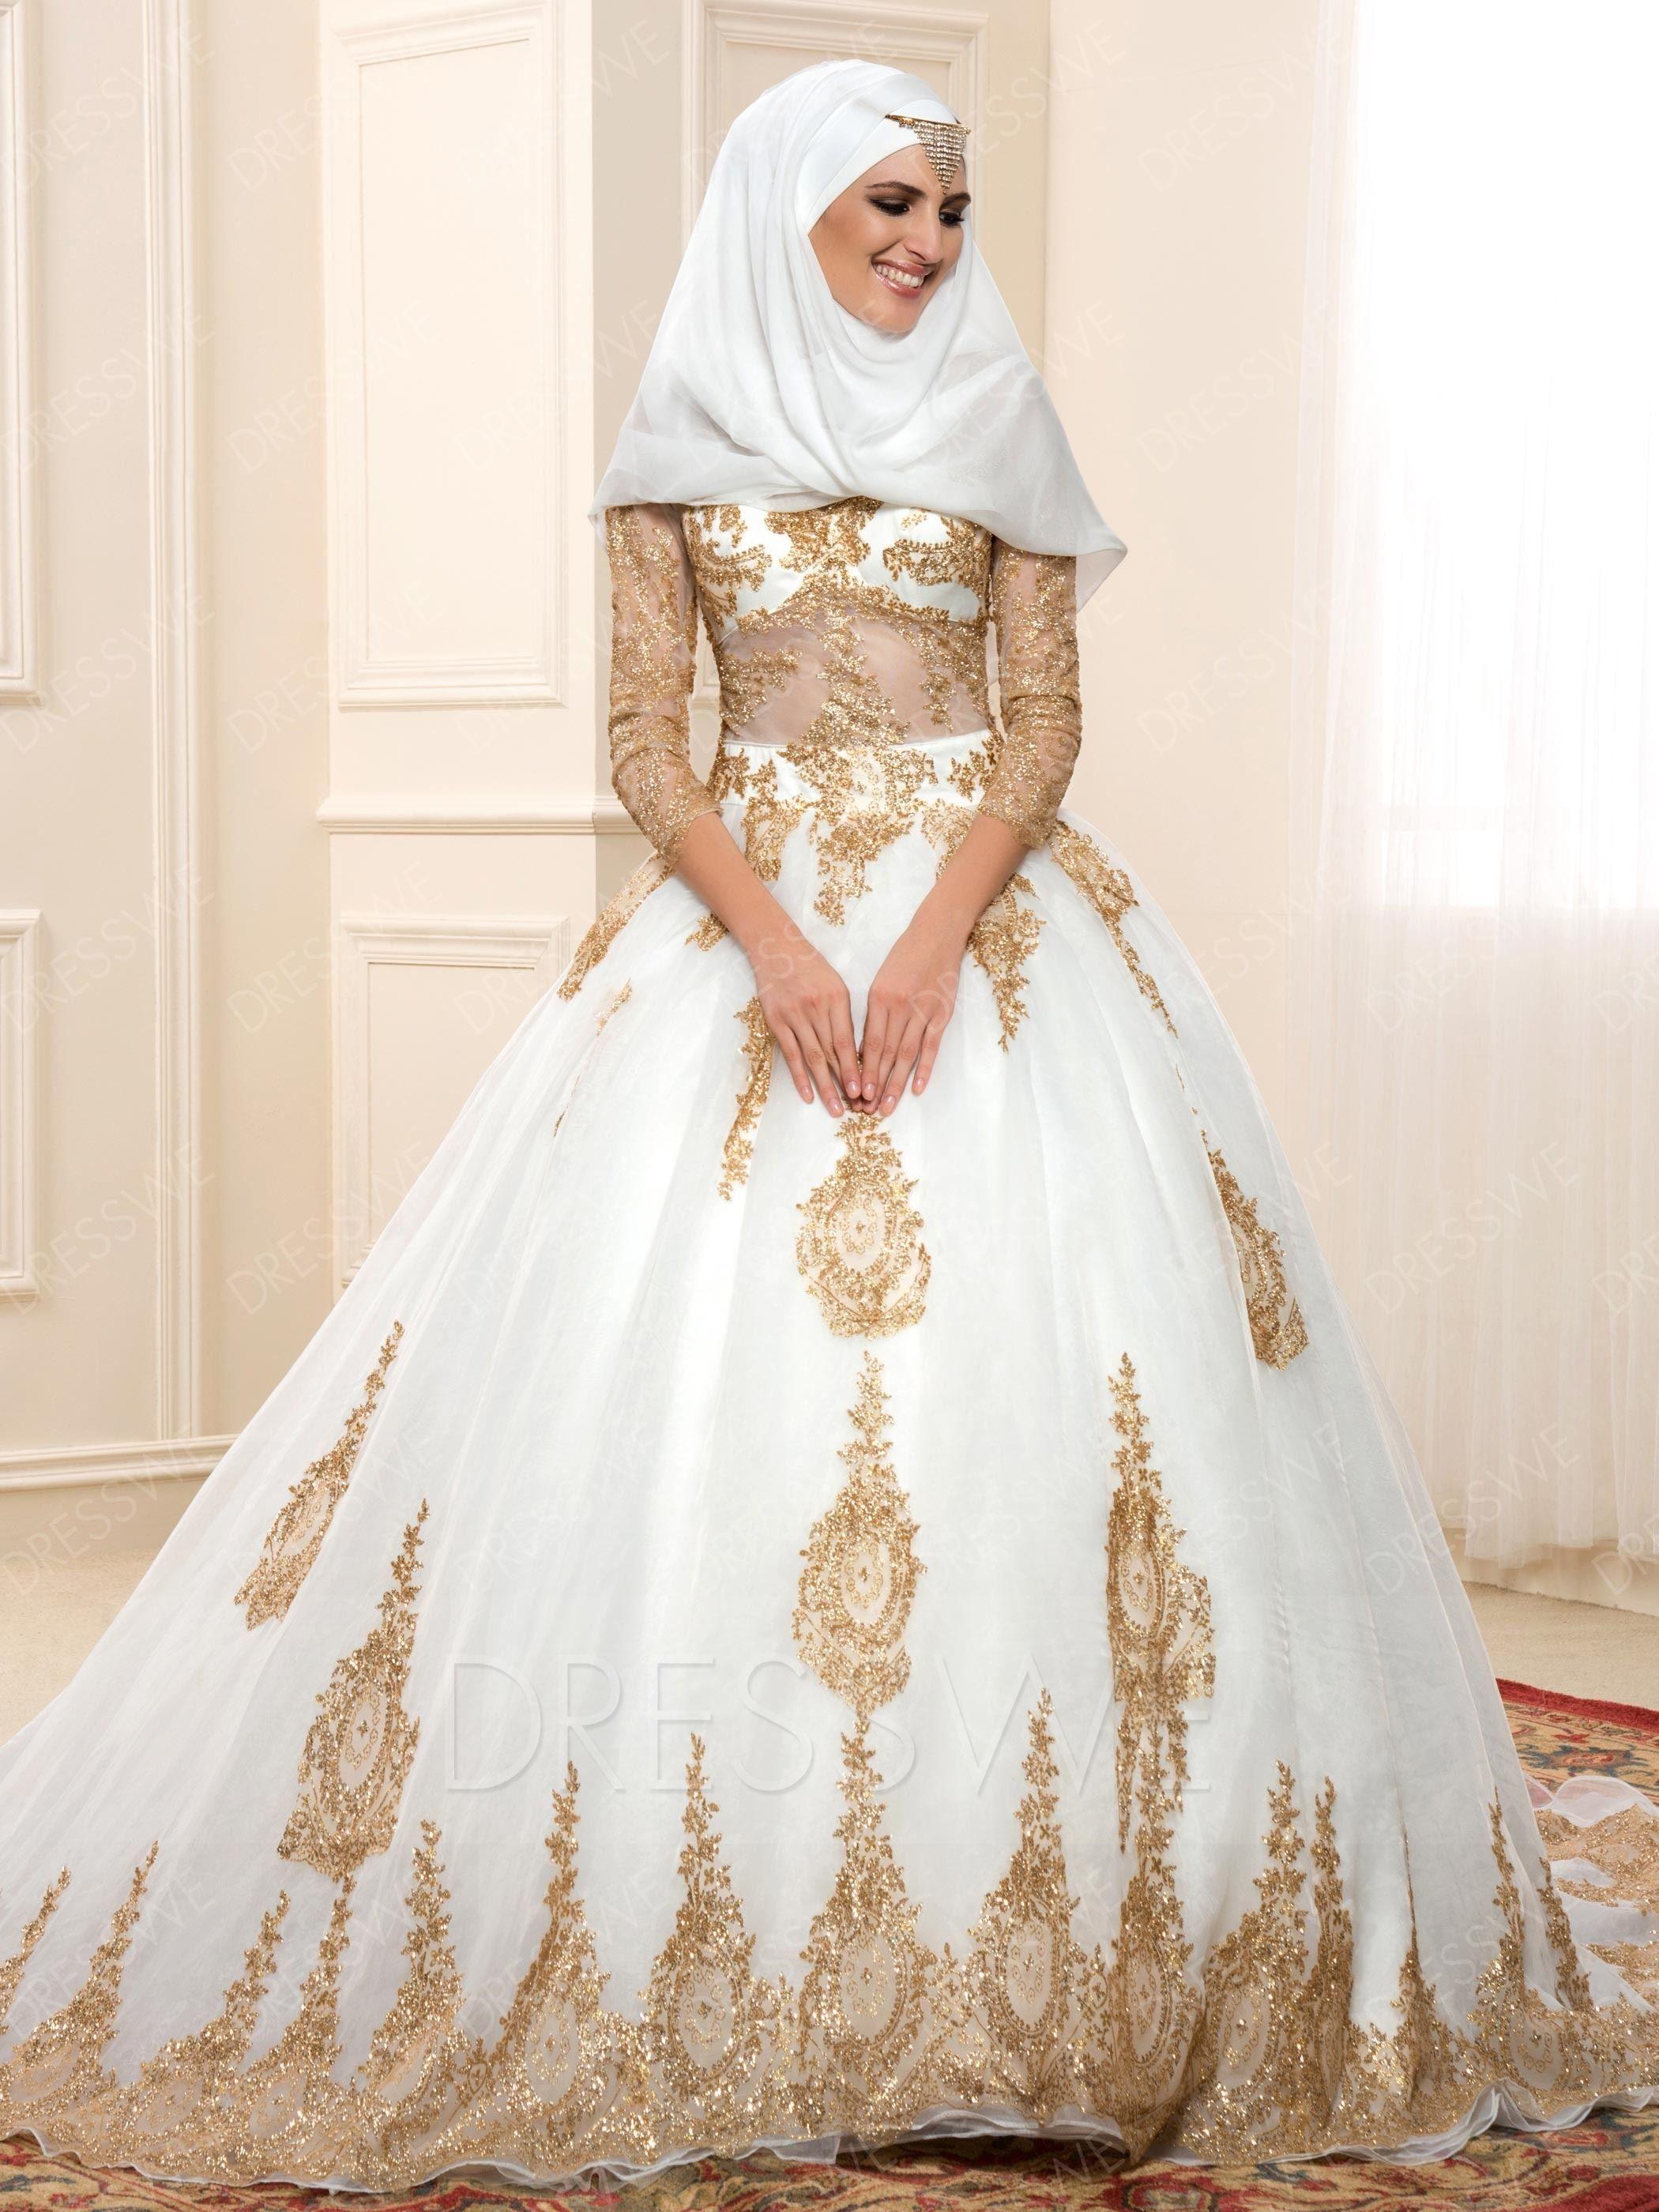 Epingle Par Lucy Draer Sur Beaute Hijab Mariee Mariees